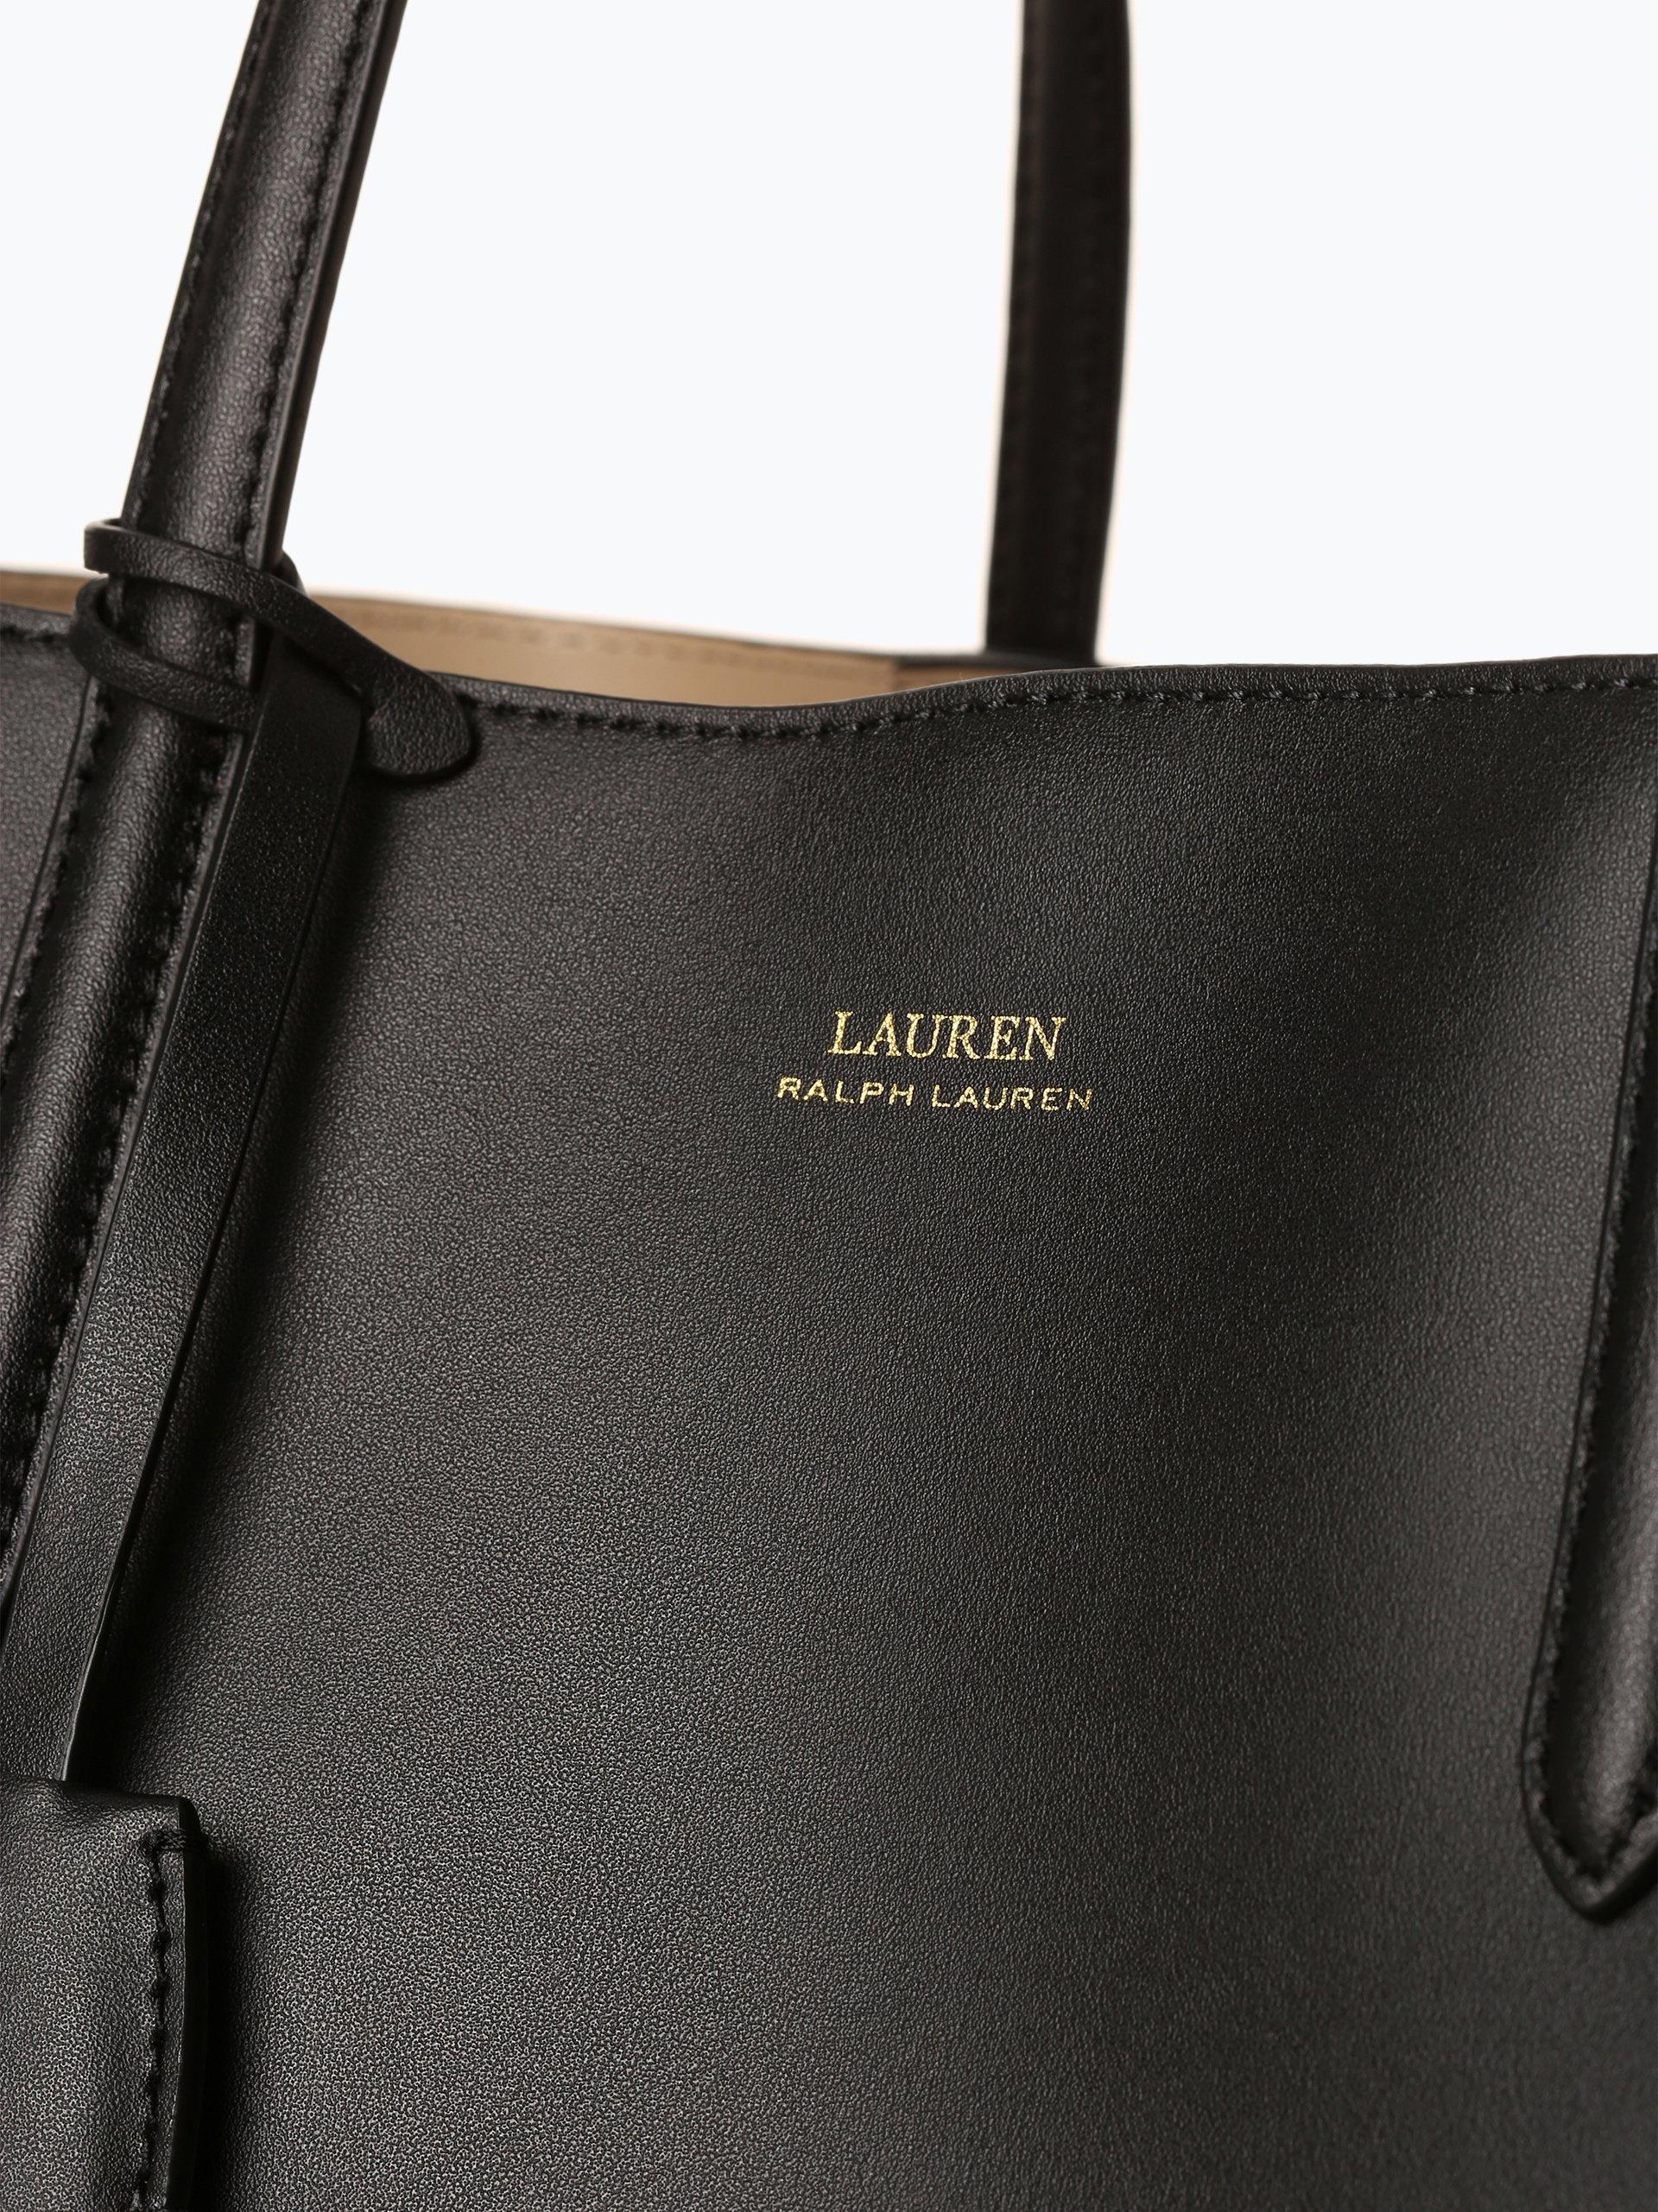 Lauren Ralph Lauren Damska torba shopper ze skóry